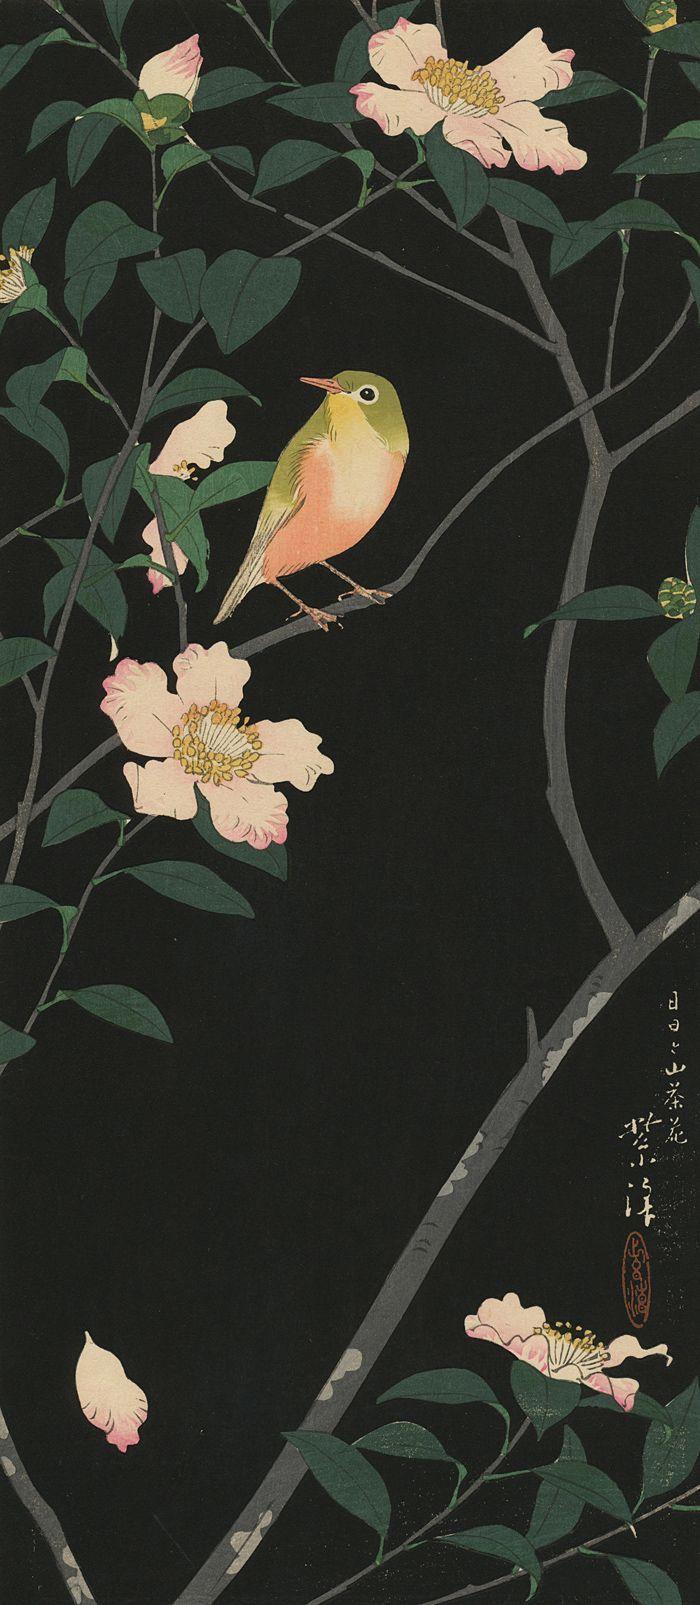 Kasamatsu Shiro : Bush Warbler on Camelia Branch (o-tanzaku), ca. 1920.